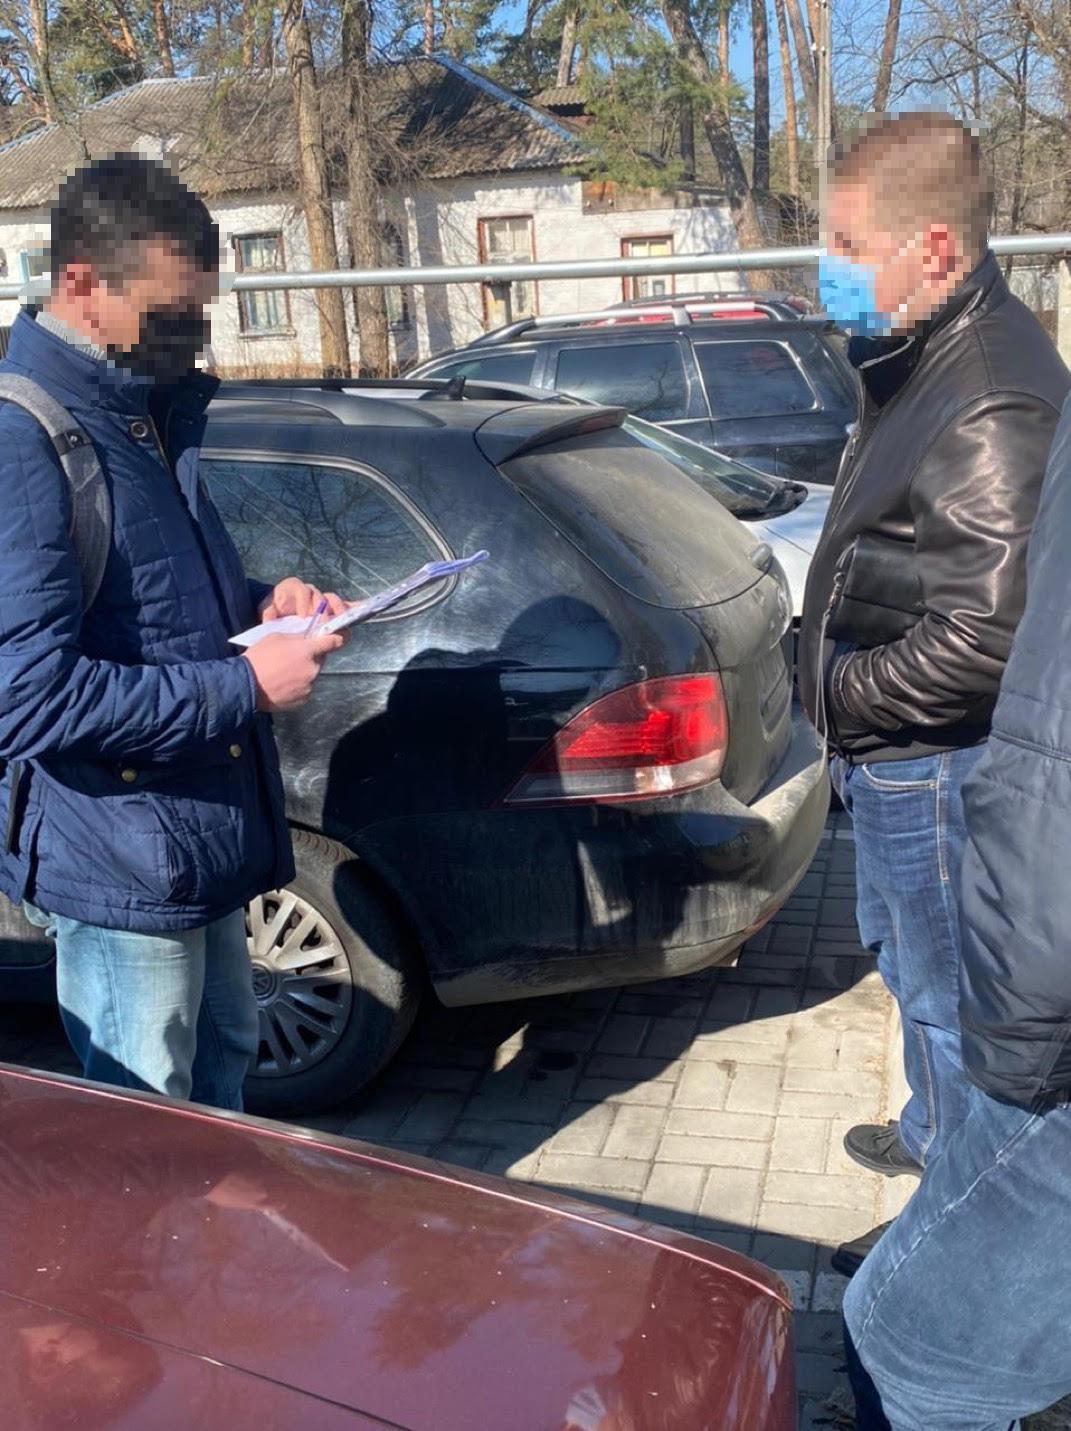 Правоохранителя заподозрили в организации схемы предоставления услуг по незаконному прослушиванию граждан